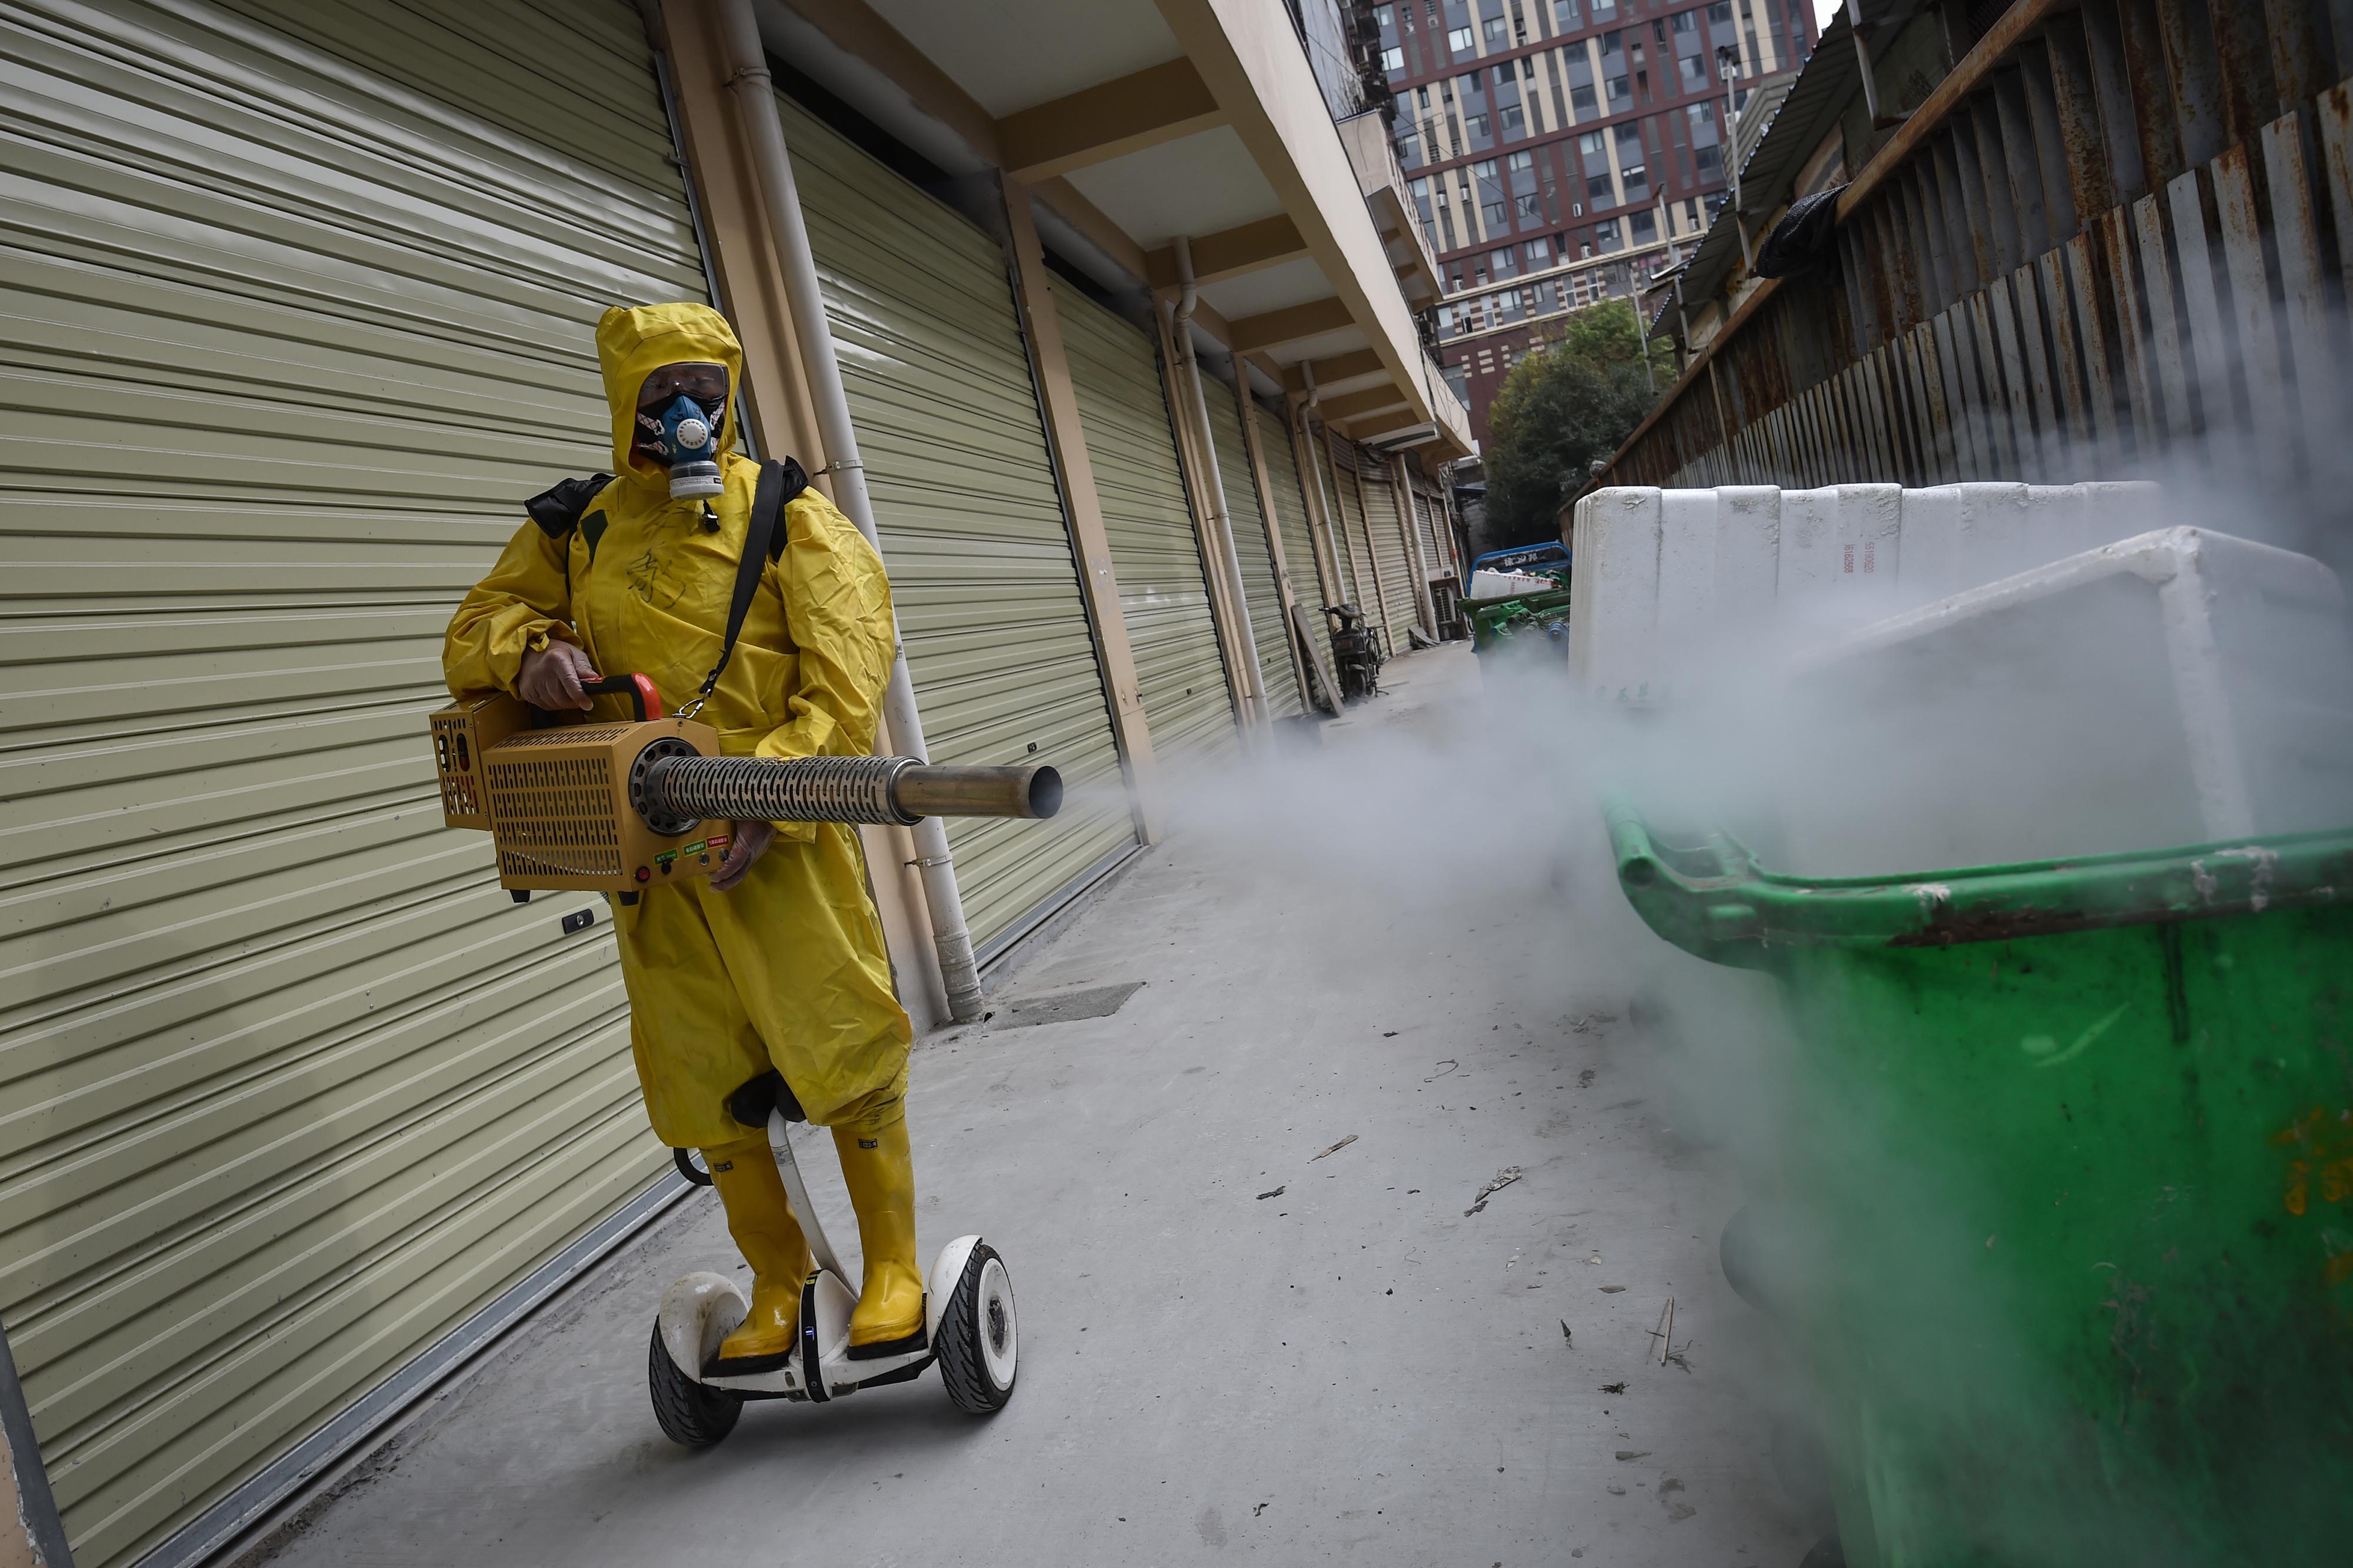 Kína szerint politikai manipuláció, hogy az USA a koronavírus eredetét firtatja